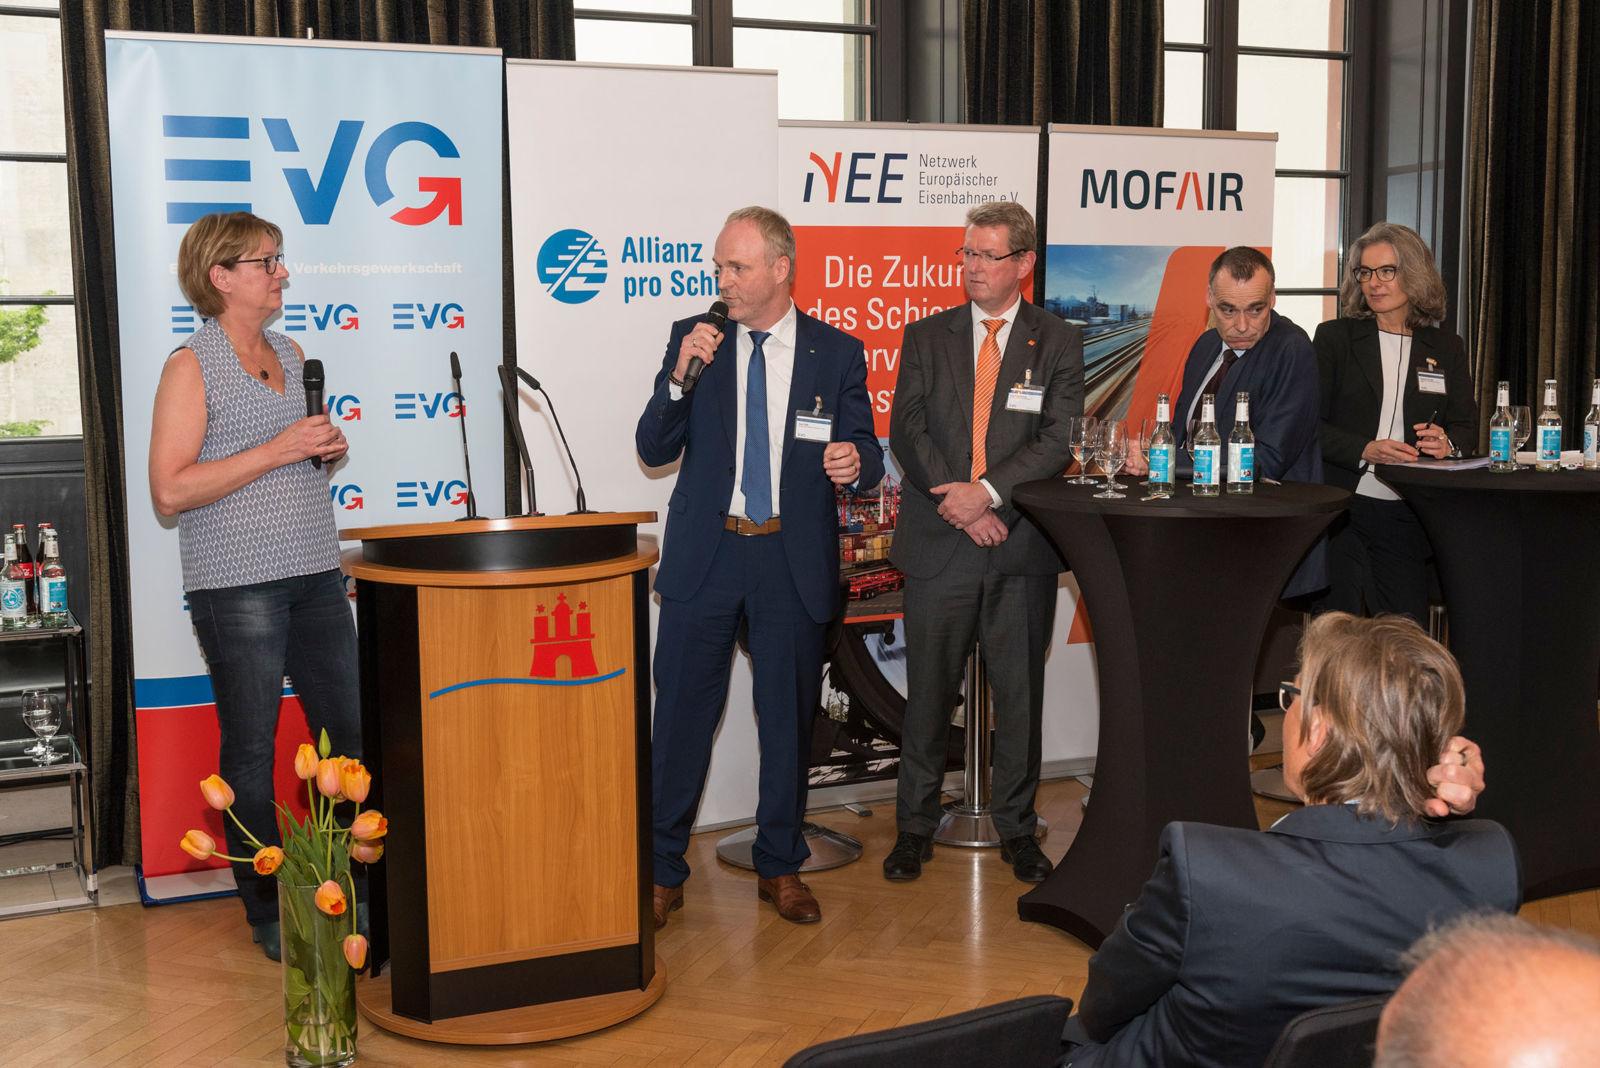 Diskussion in der Branche: Was bringt die Halbierung? Von links nach rechts: Moderatorin Judith Schulte-Loh, Axel Plaß, Ludolf Kerkeling, Berthold Huber und Susanne Henckel